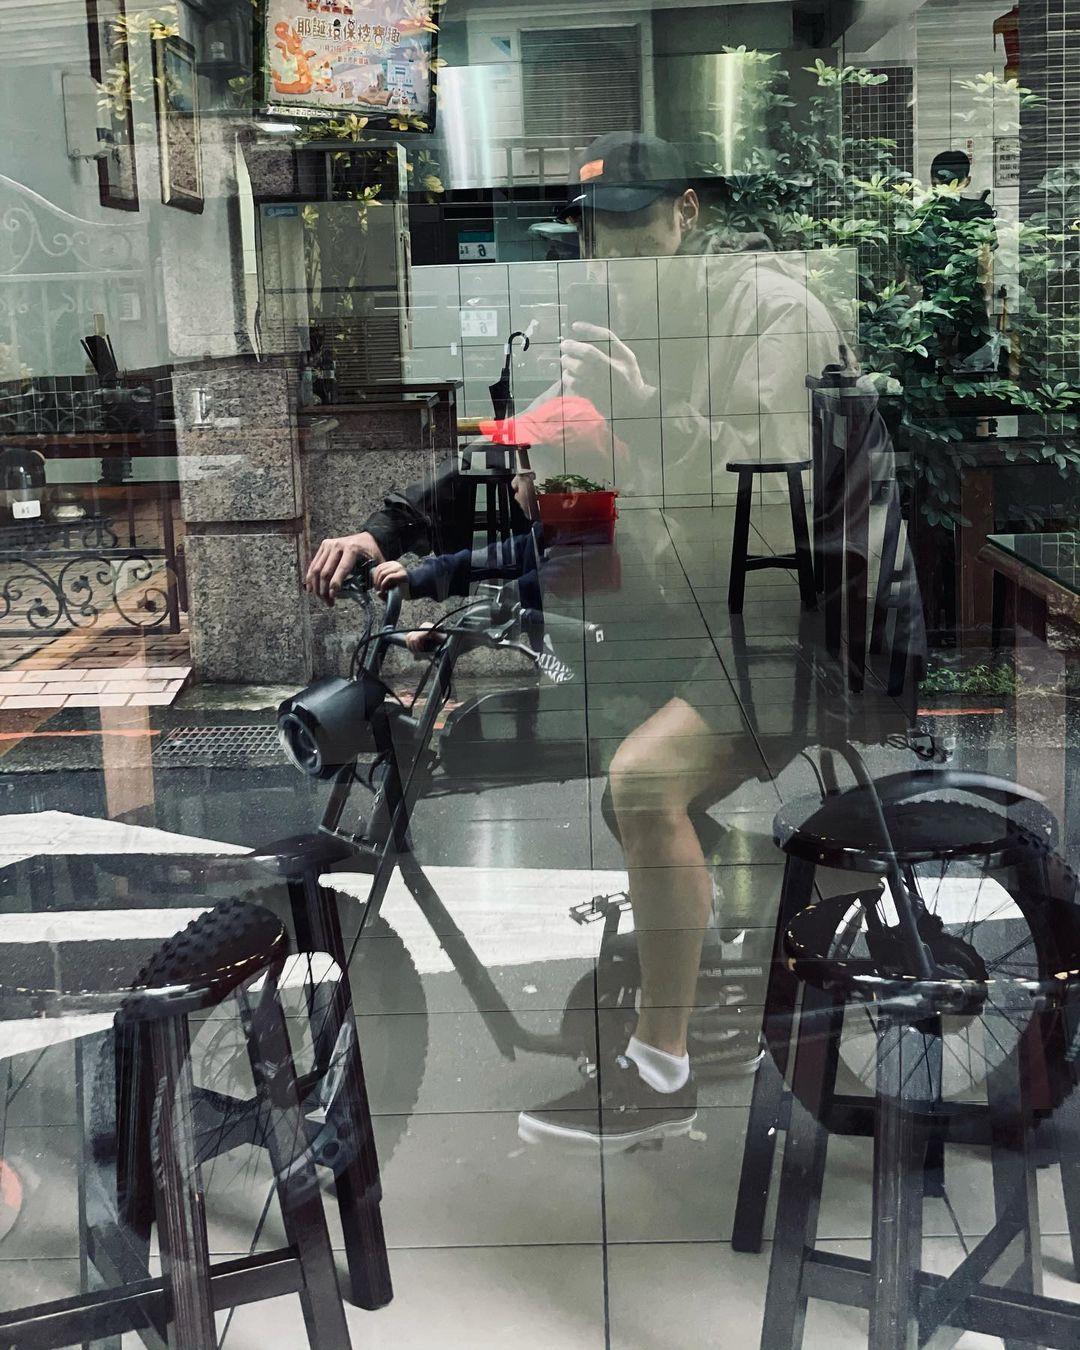 【隔離完畢】與妻兒無見兩個月 余文樂零防護帶囝囝坐電動單車